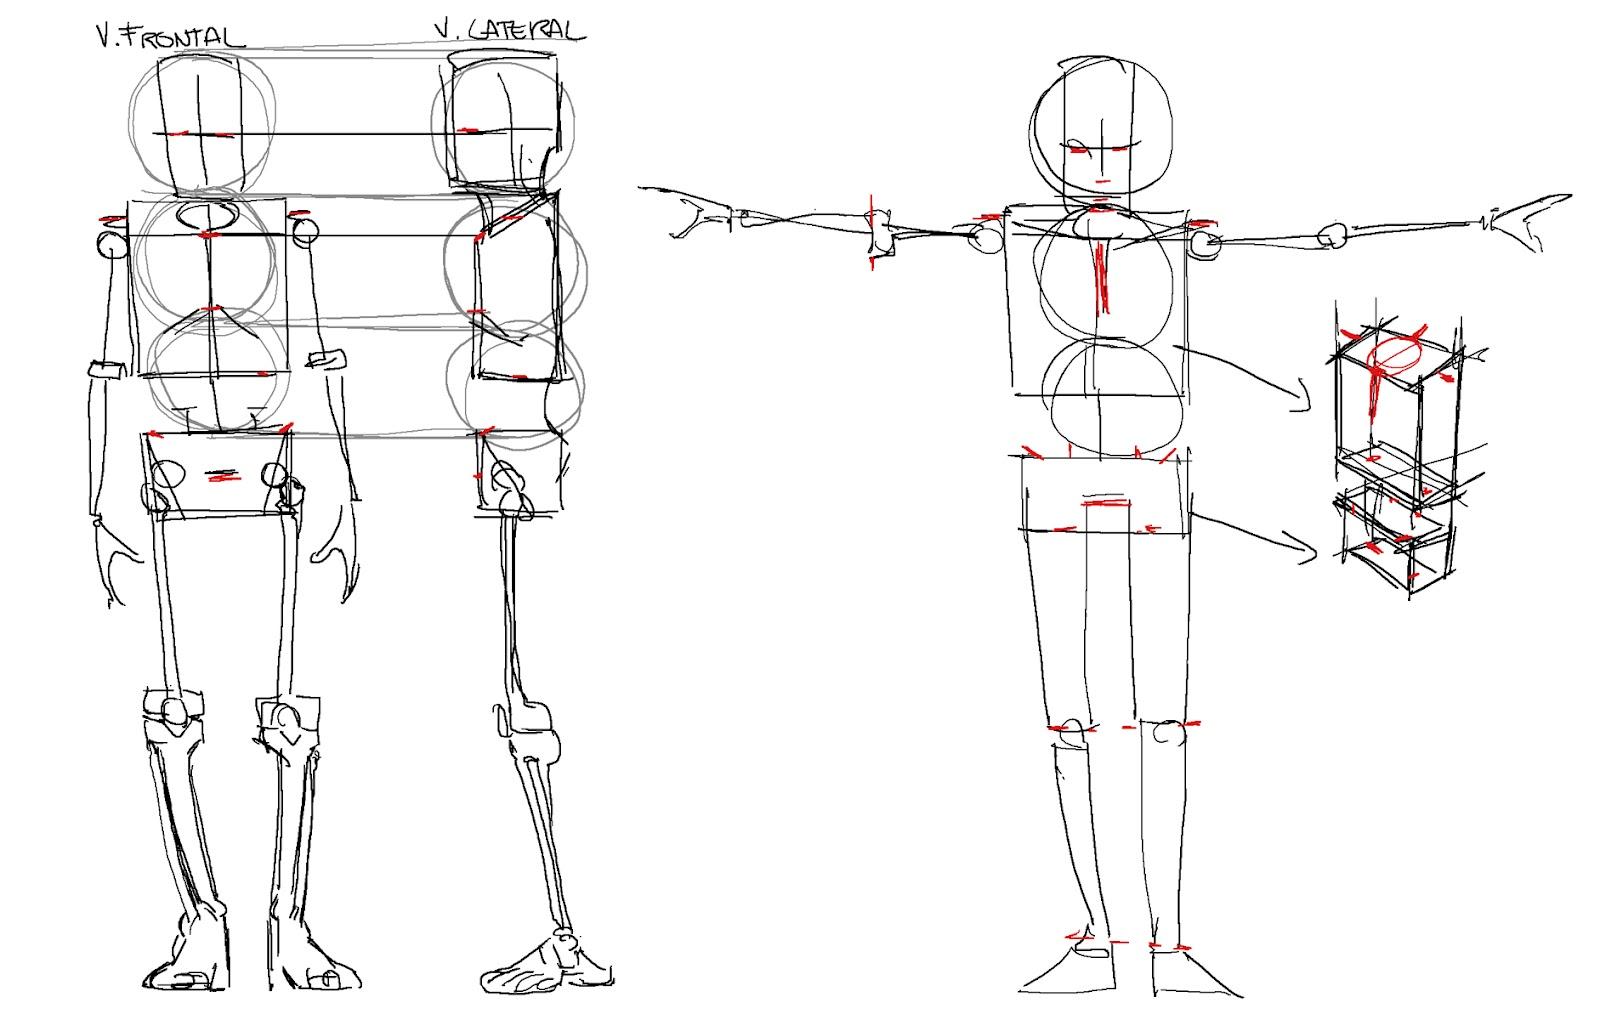 El Blog del Profe de Dibujo.: Sistema de proporciones del Profe.